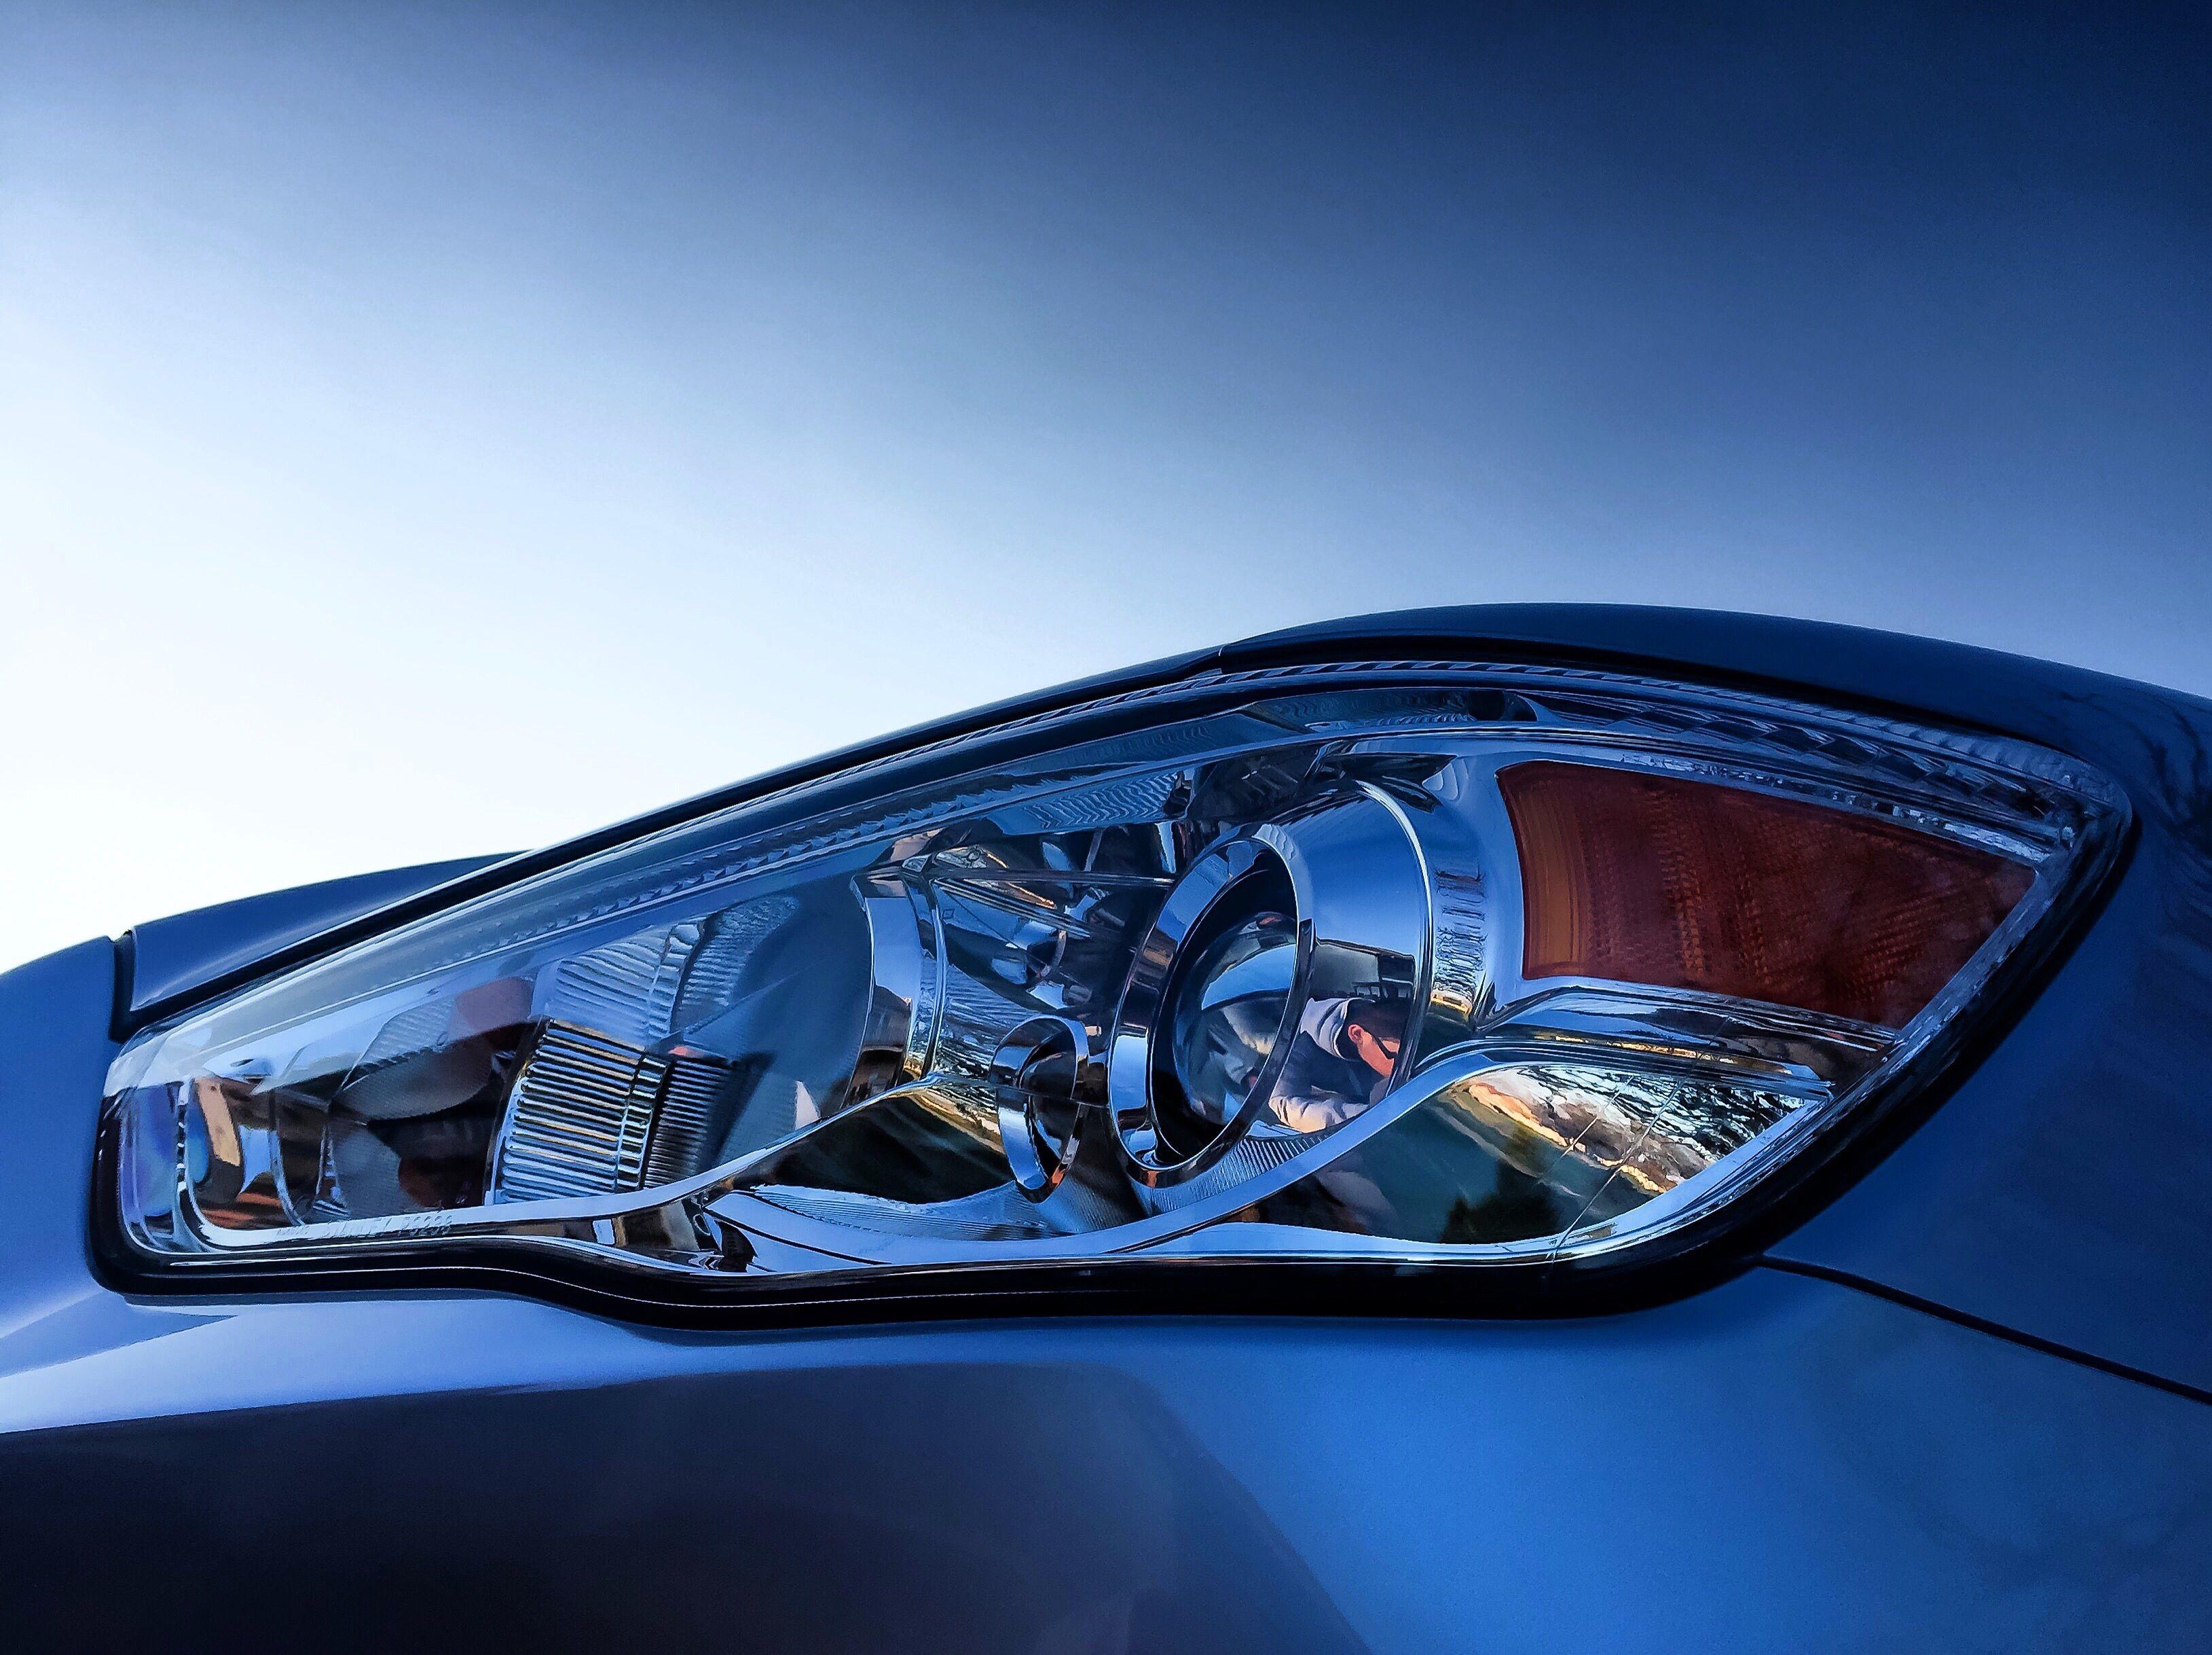 hikari led headlight